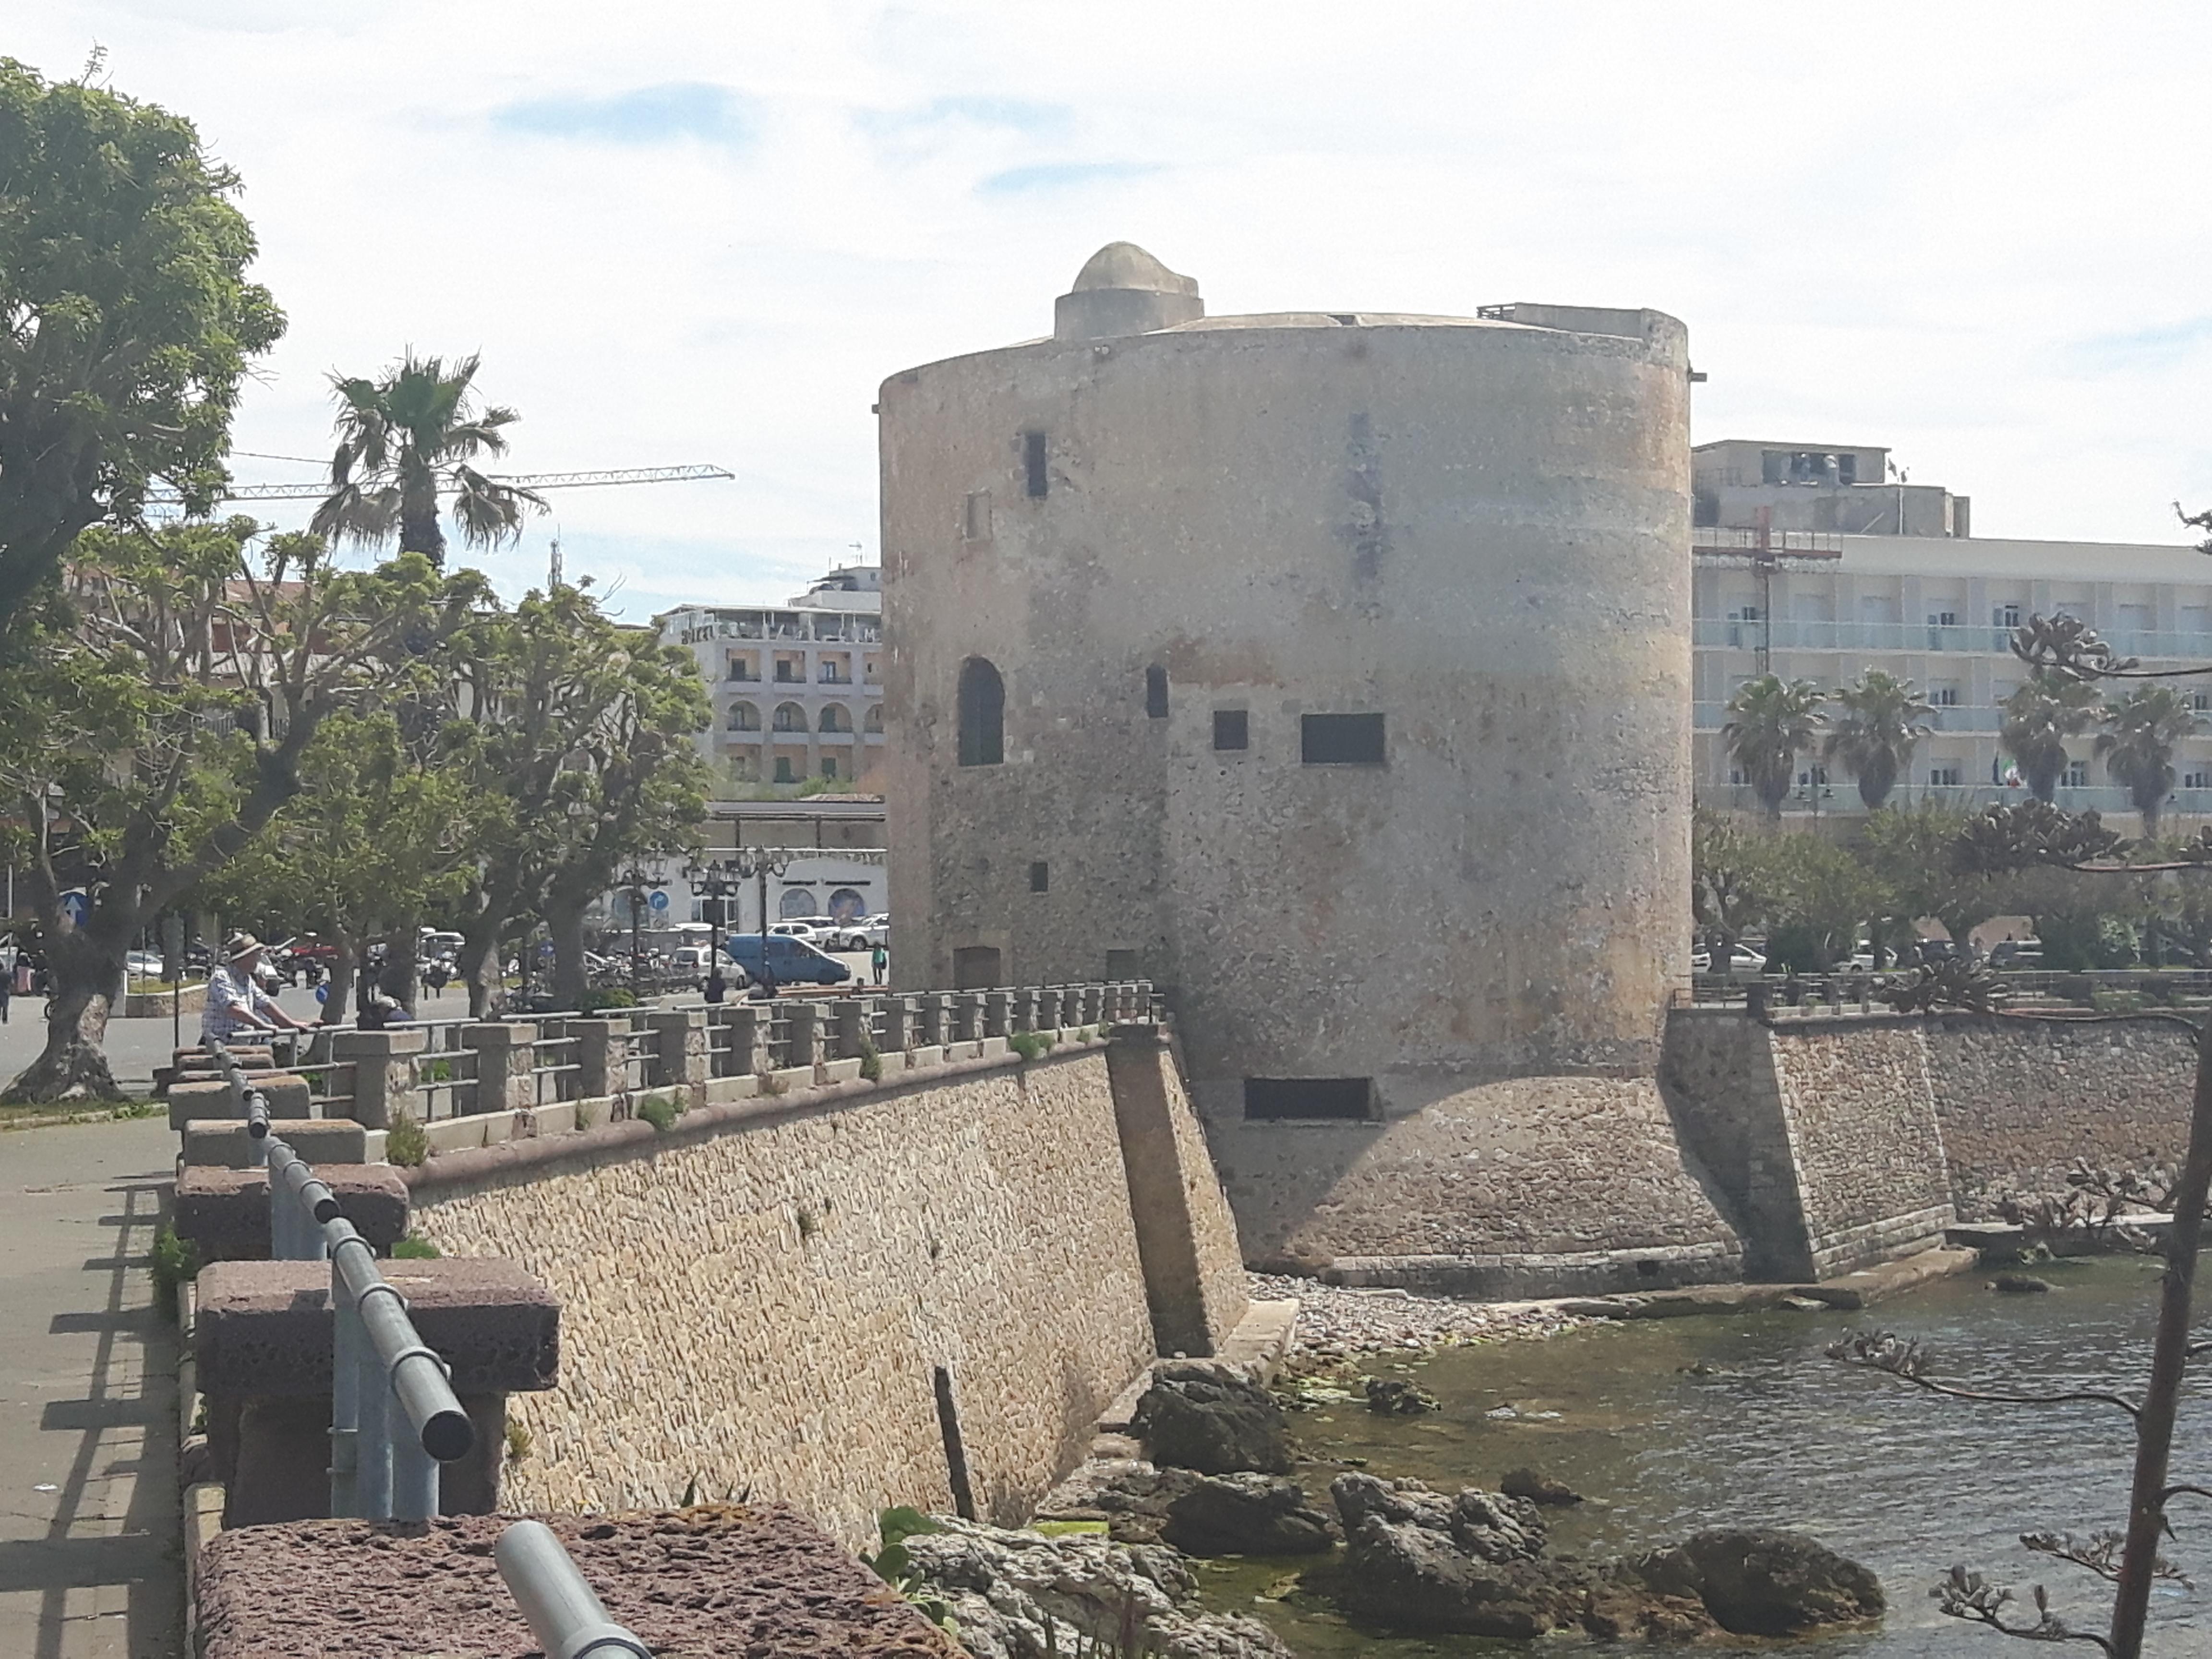 Torre Sulis - Alghero - 16/10/2018